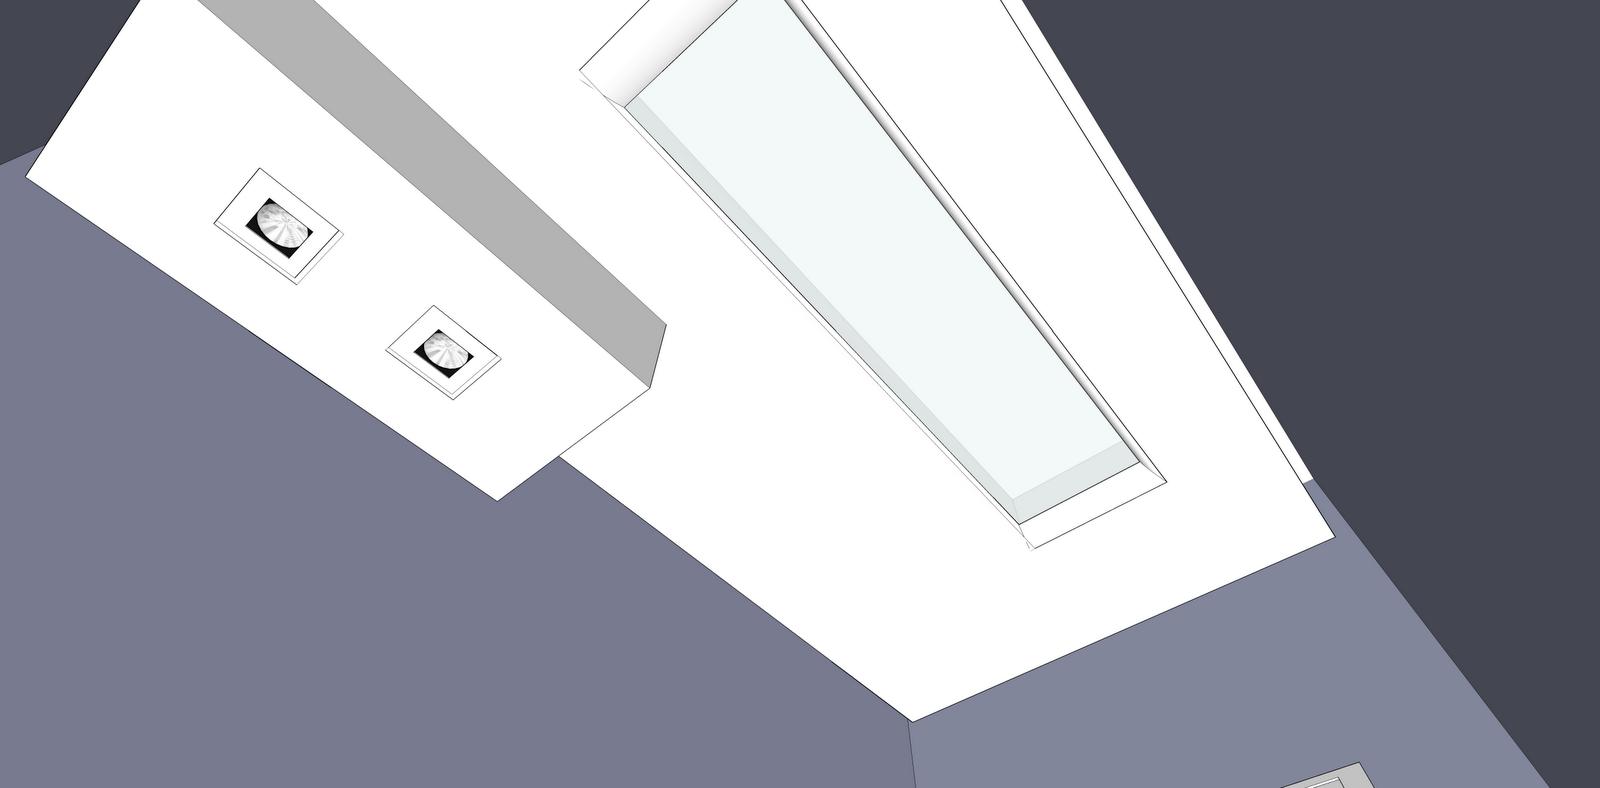 Rebaixo com dois spots em cima da pia e um vitral para iluminação  #5C5E6F 1600 788